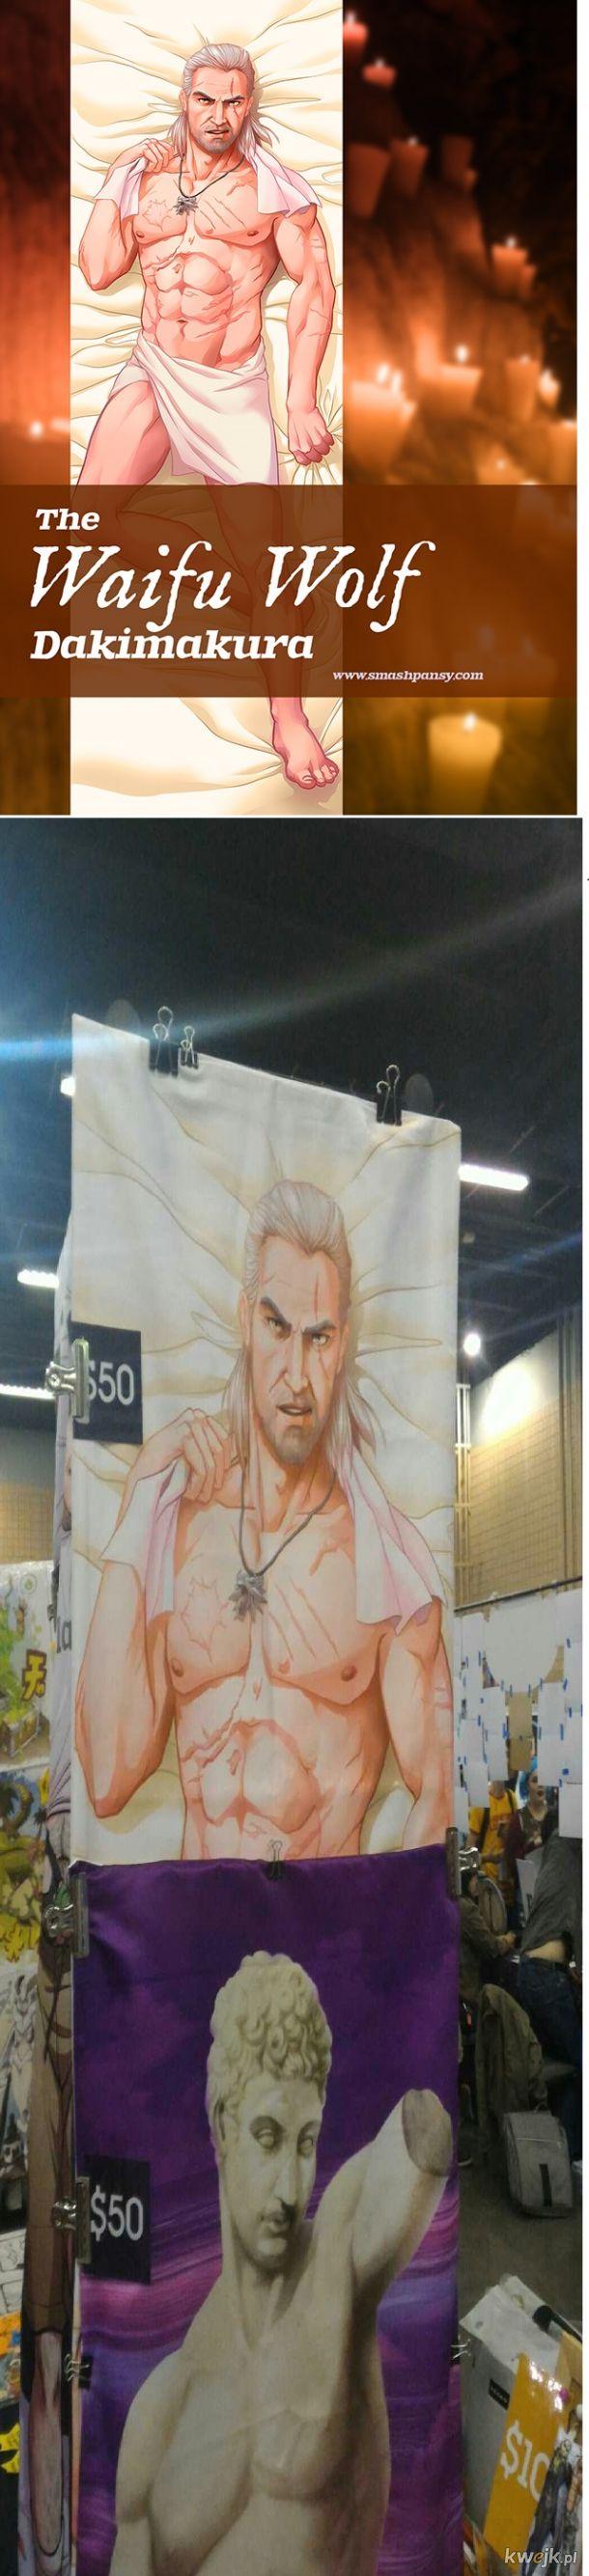 Teraz nawet Geralt, może być waifu.